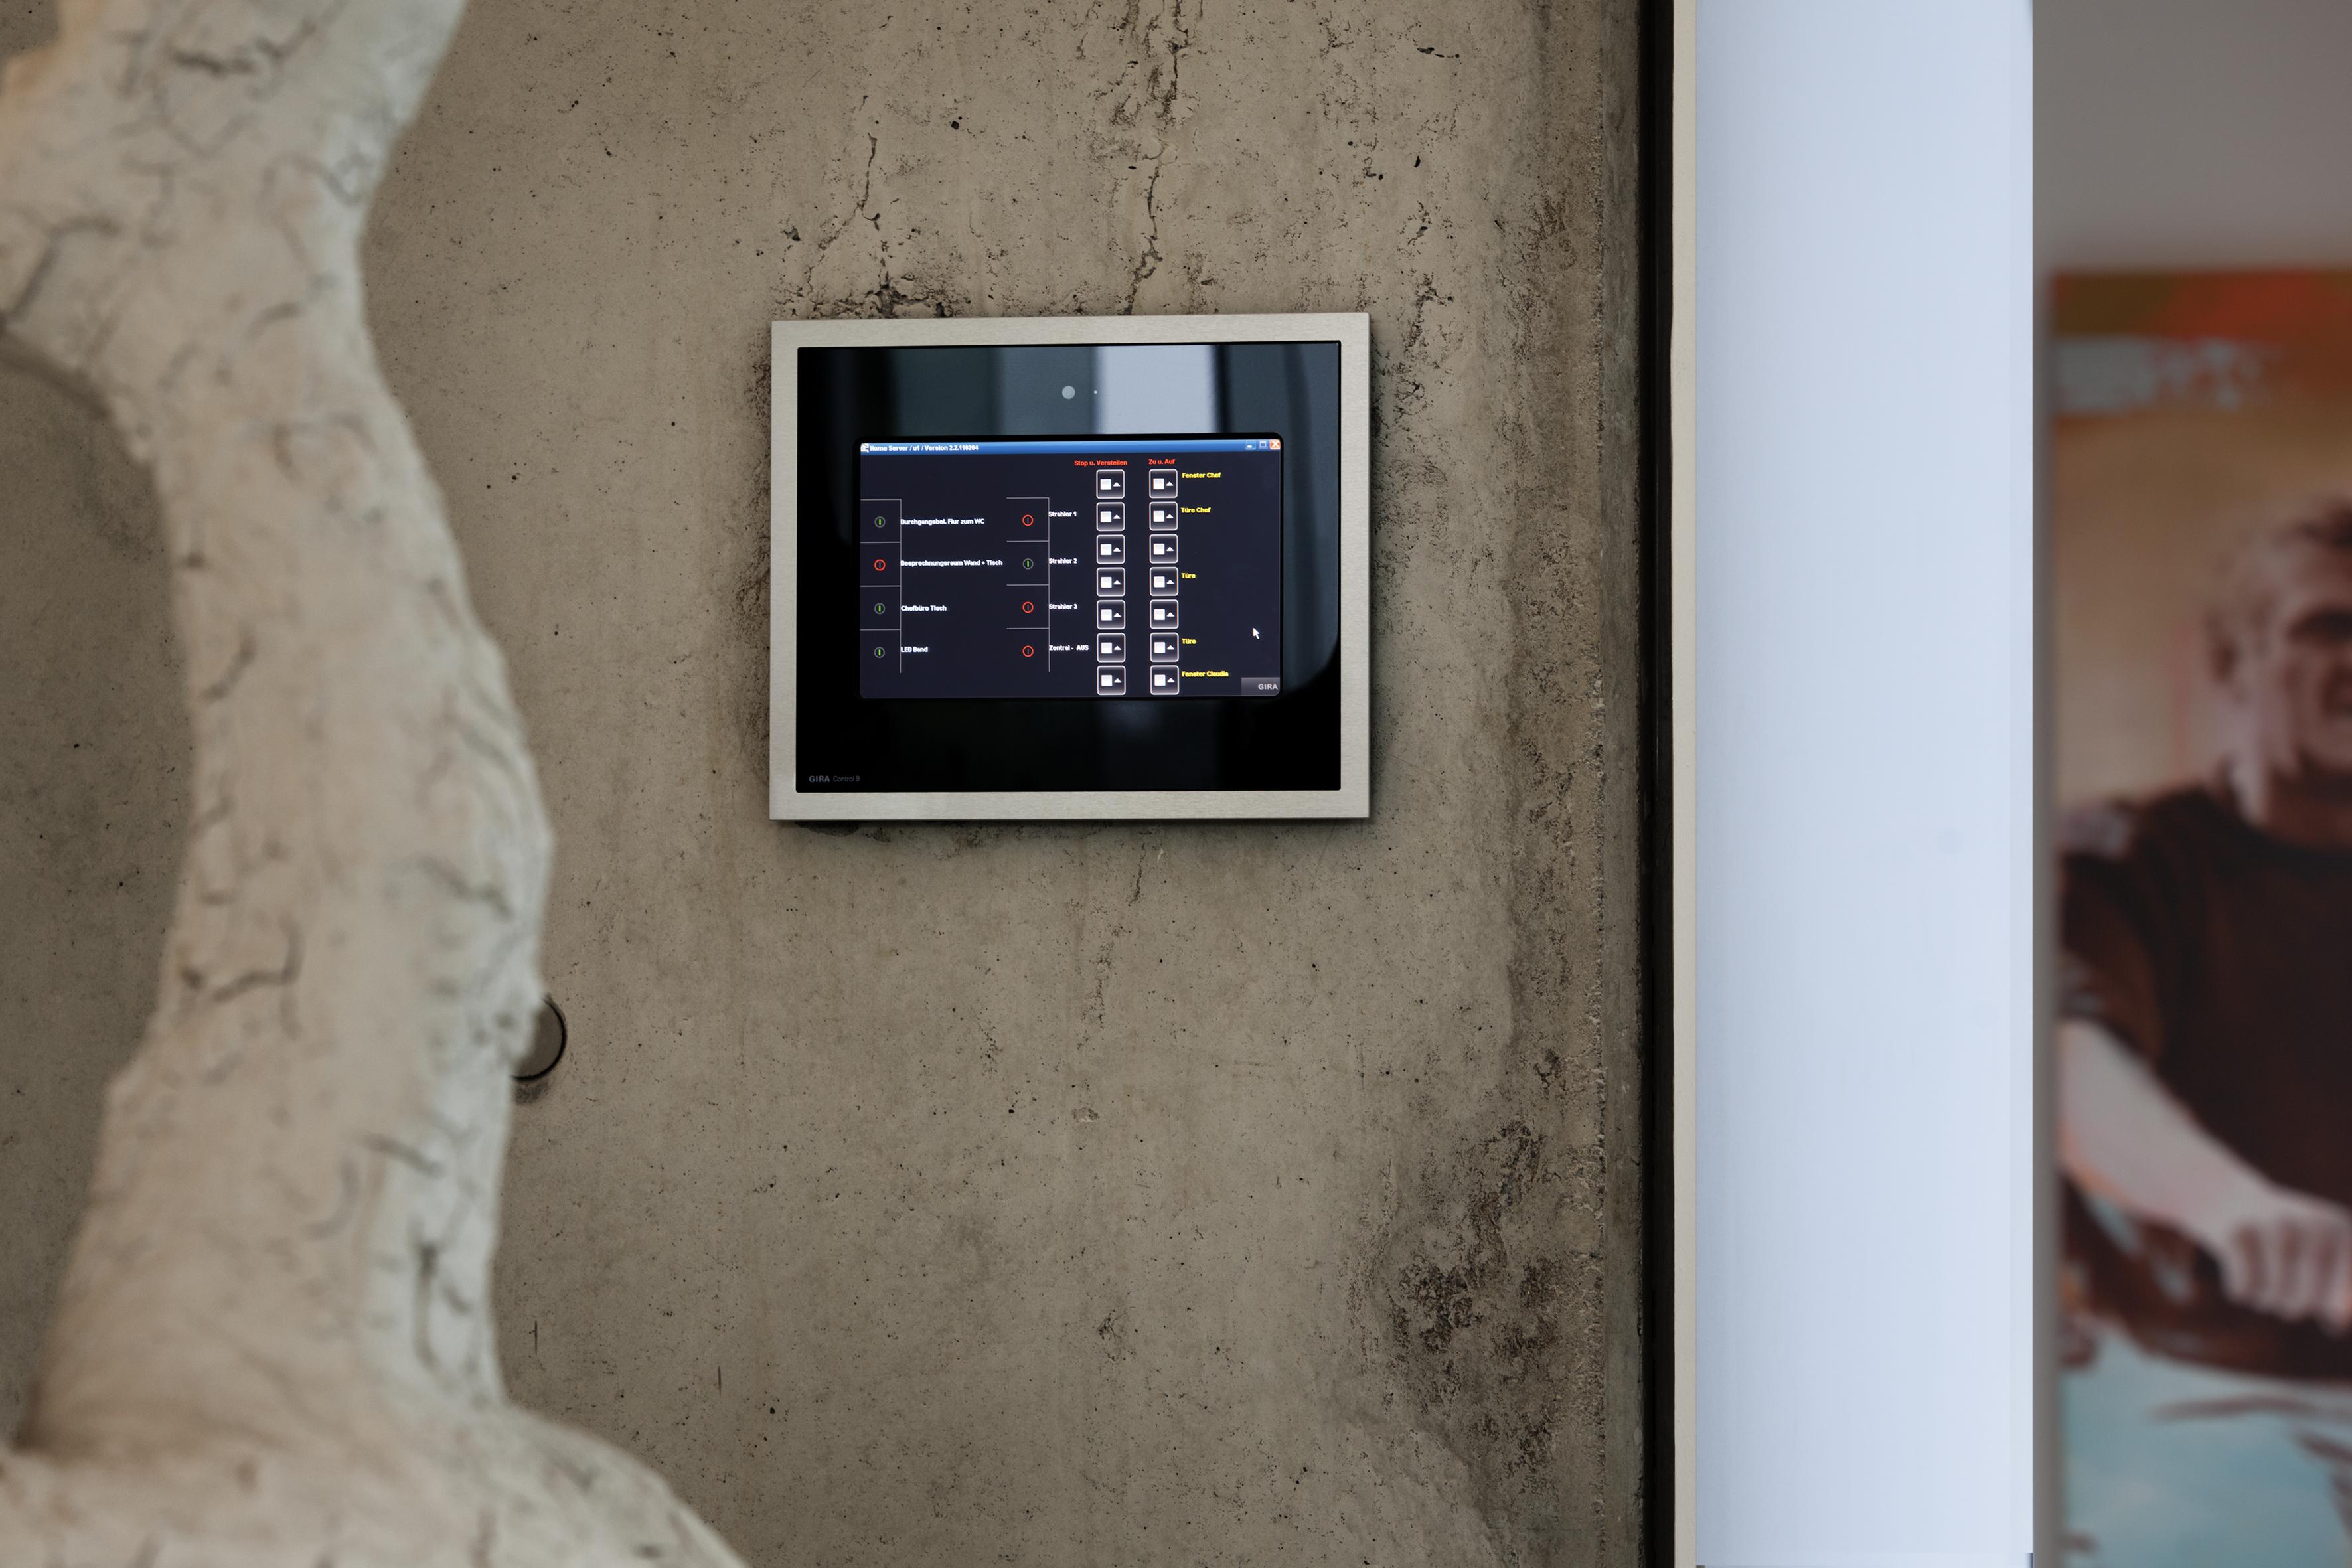 der neue x1 server von gira macht das smart home einfac stylepark. Black Bedroom Furniture Sets. Home Design Ideas